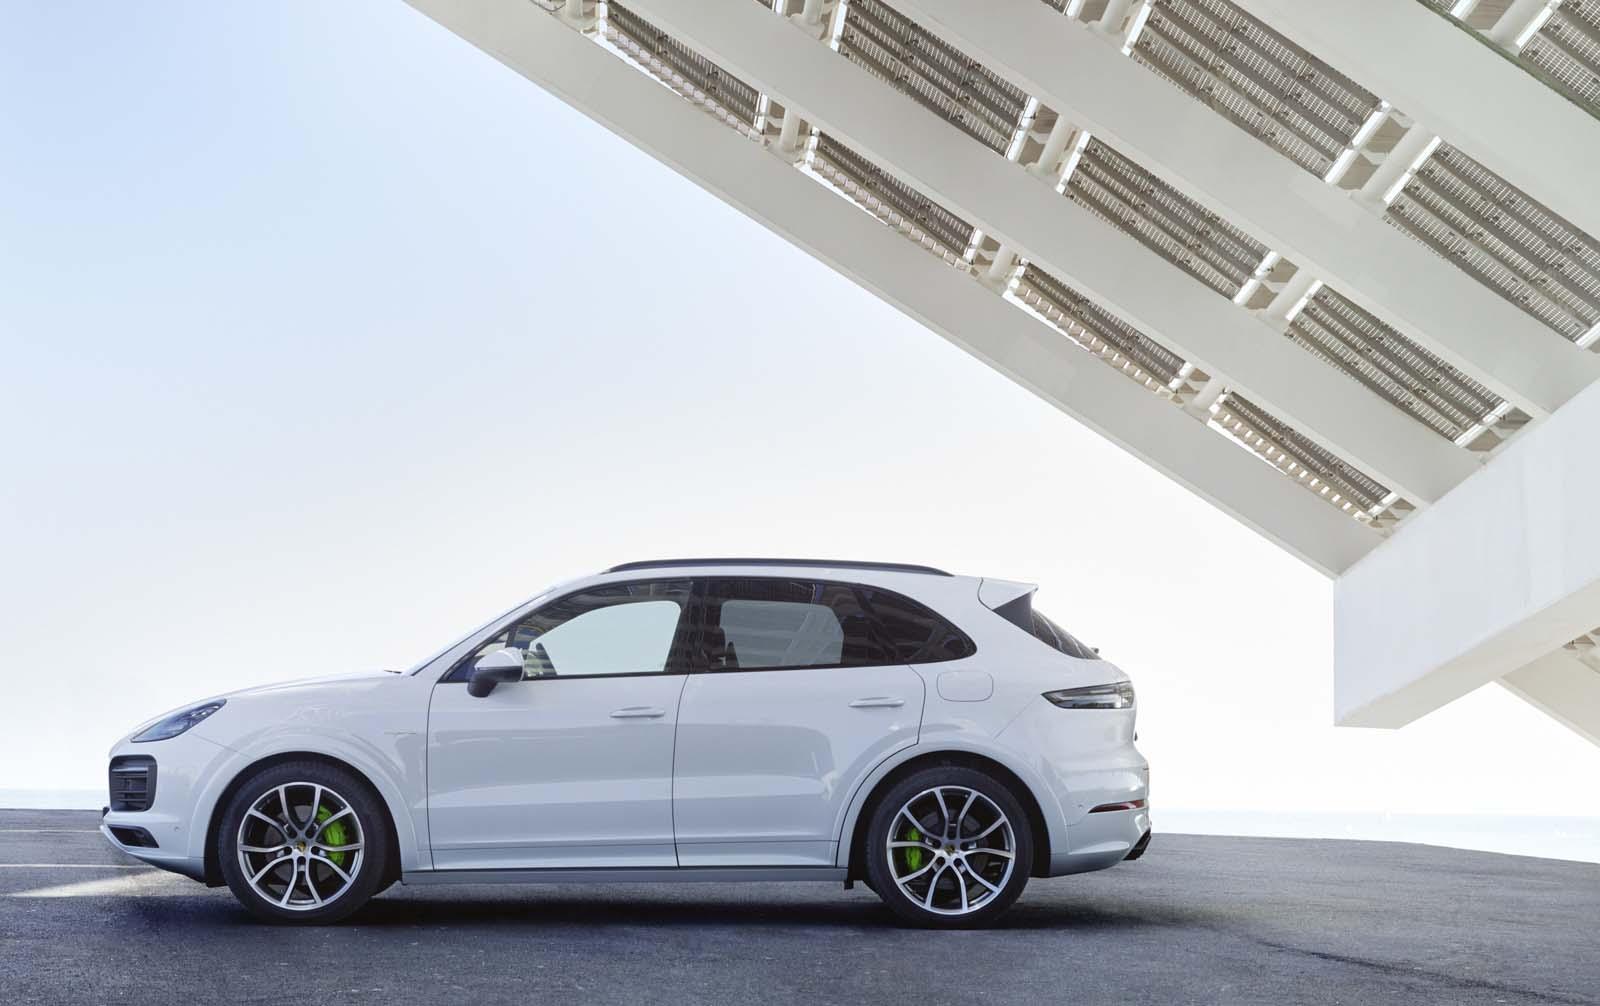 Porsche cayenne ibrida elettrizzante weekend premium for Permettono di riscaldare senza inquinare